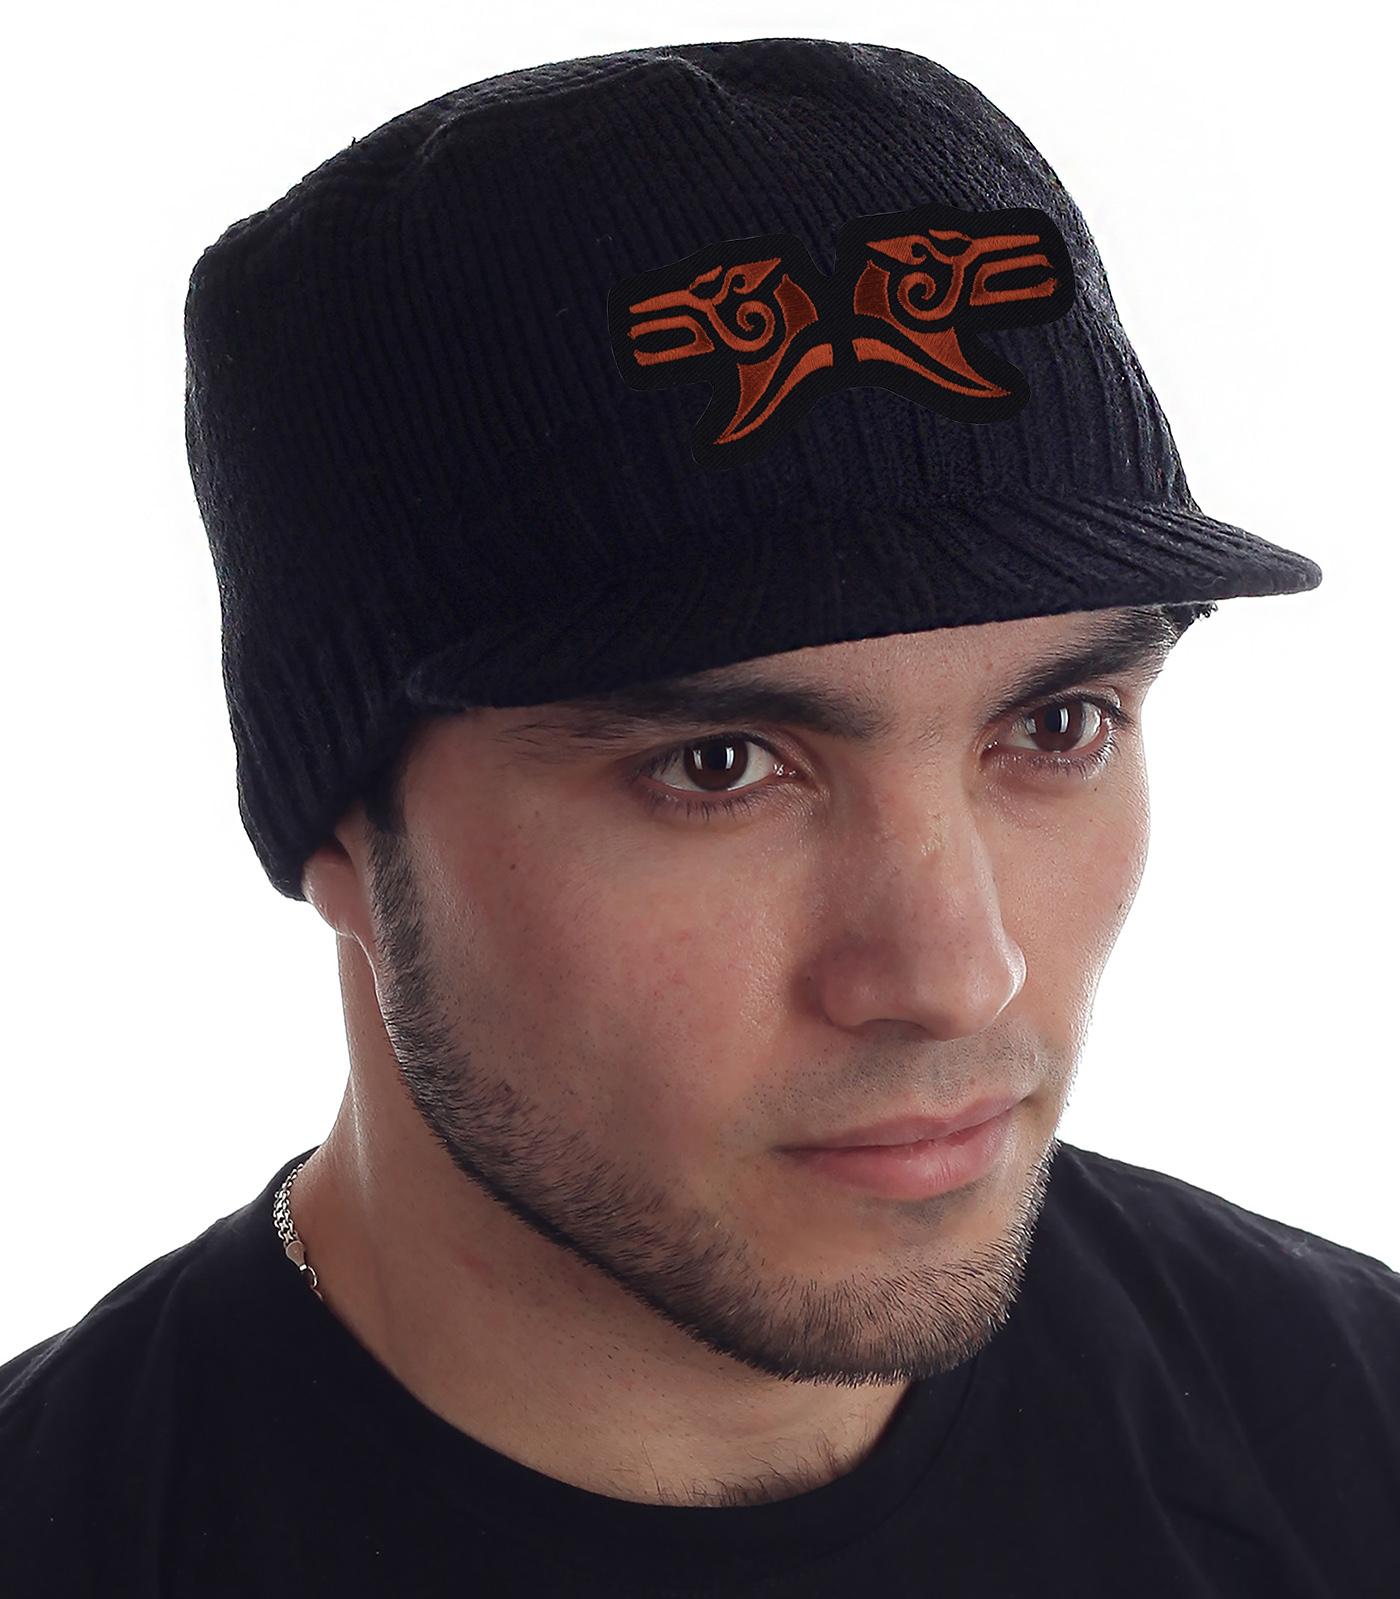 Заказать модную шапку для парня или мужчины